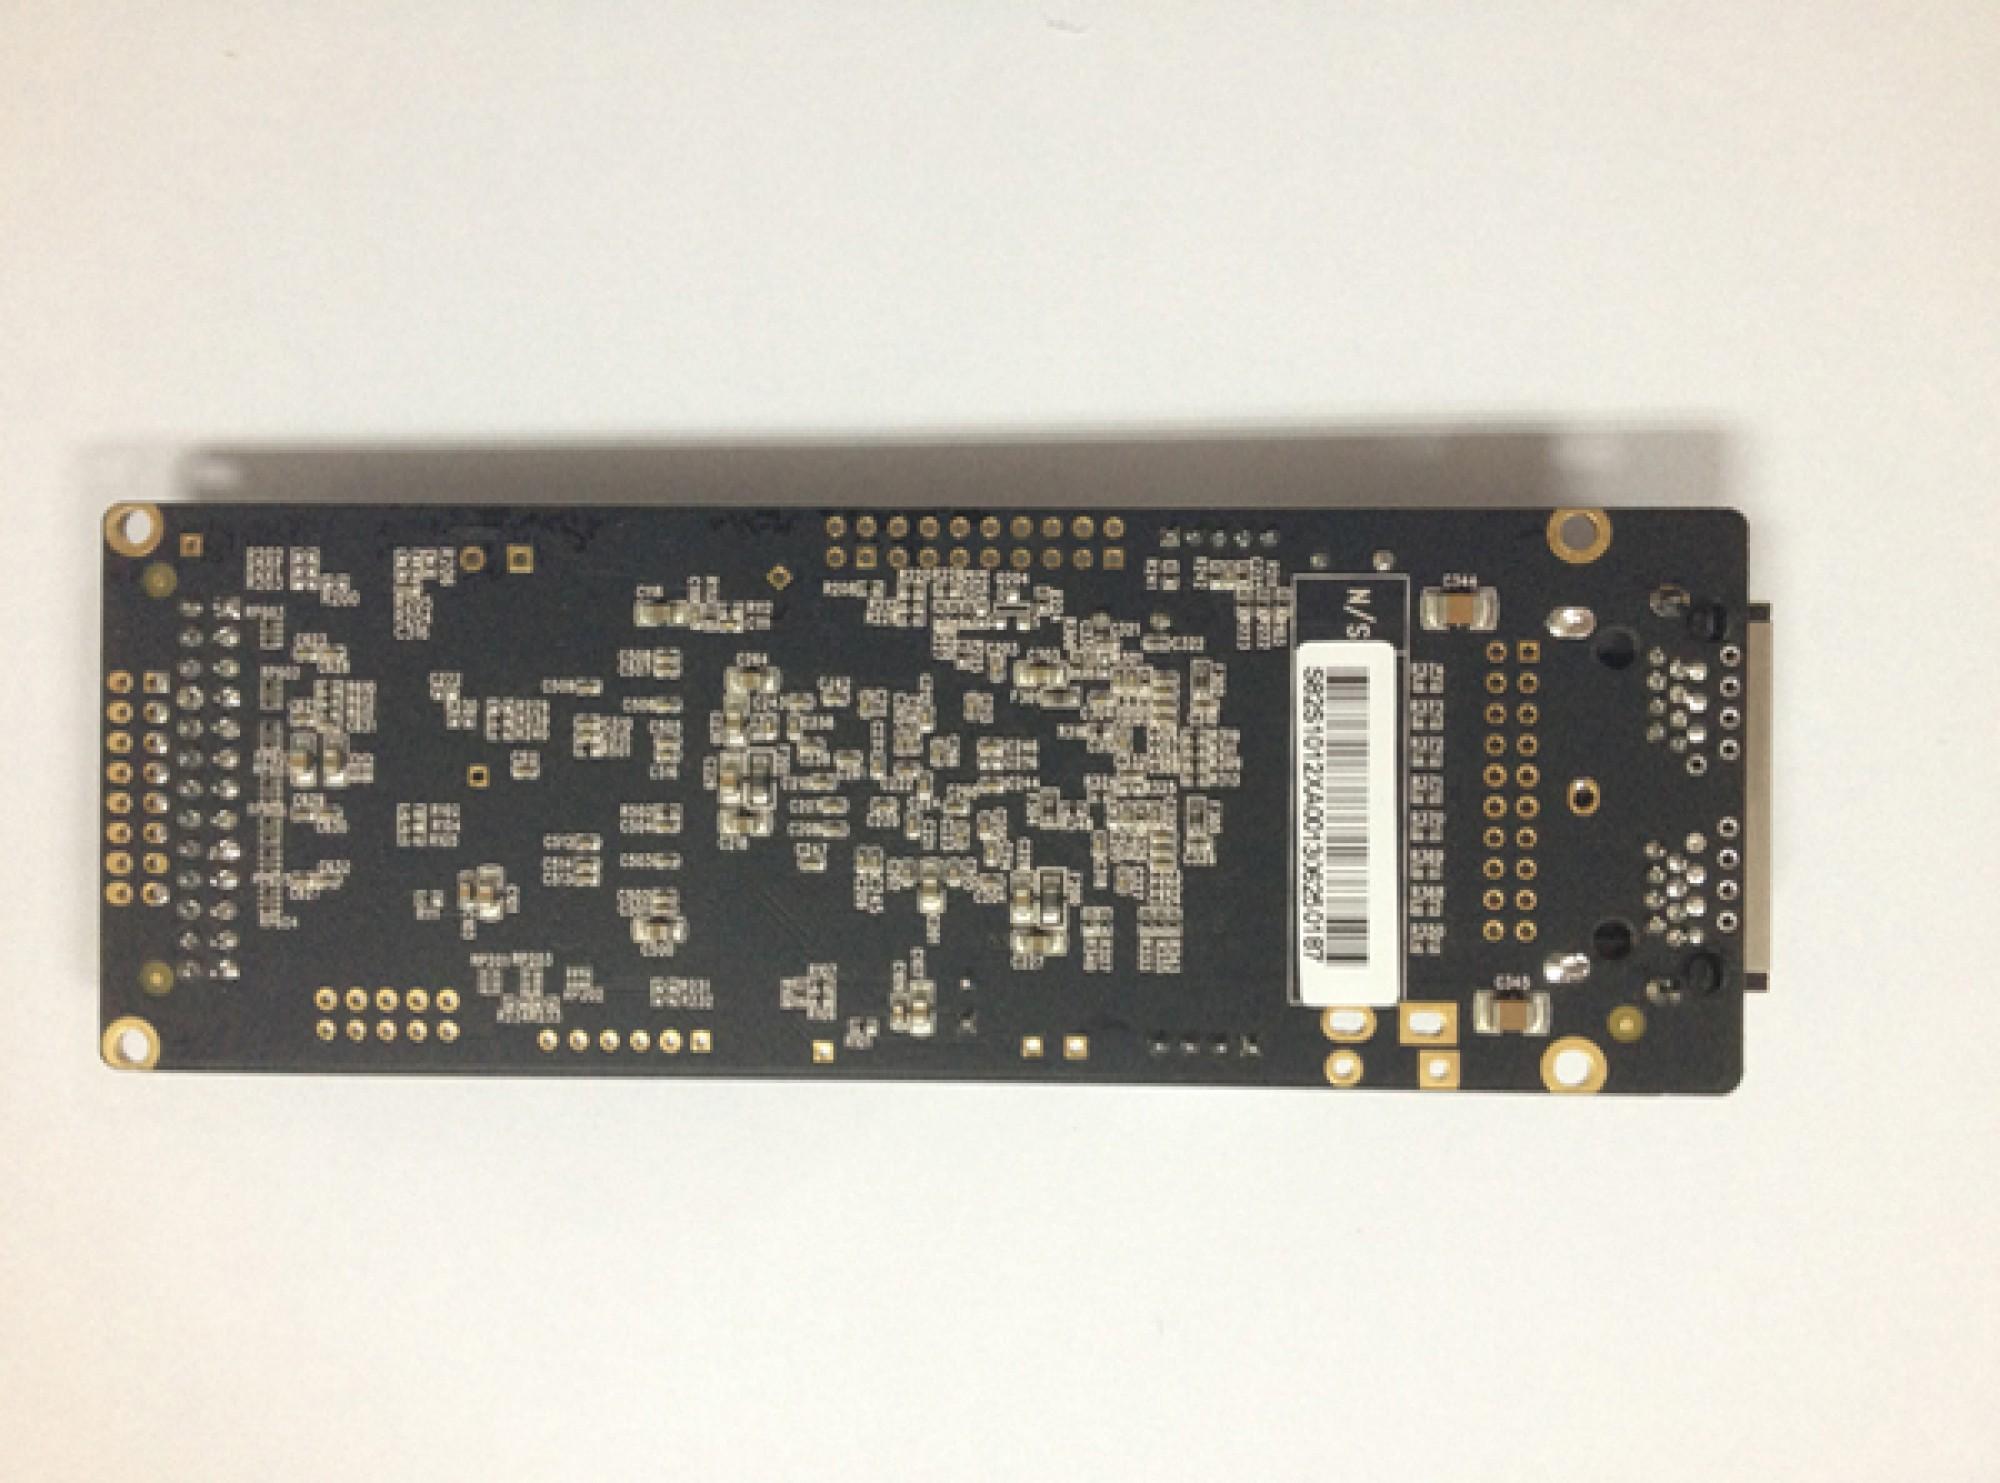 ZDEC V82RV02 S82S1012 Mini LED Receiver Card